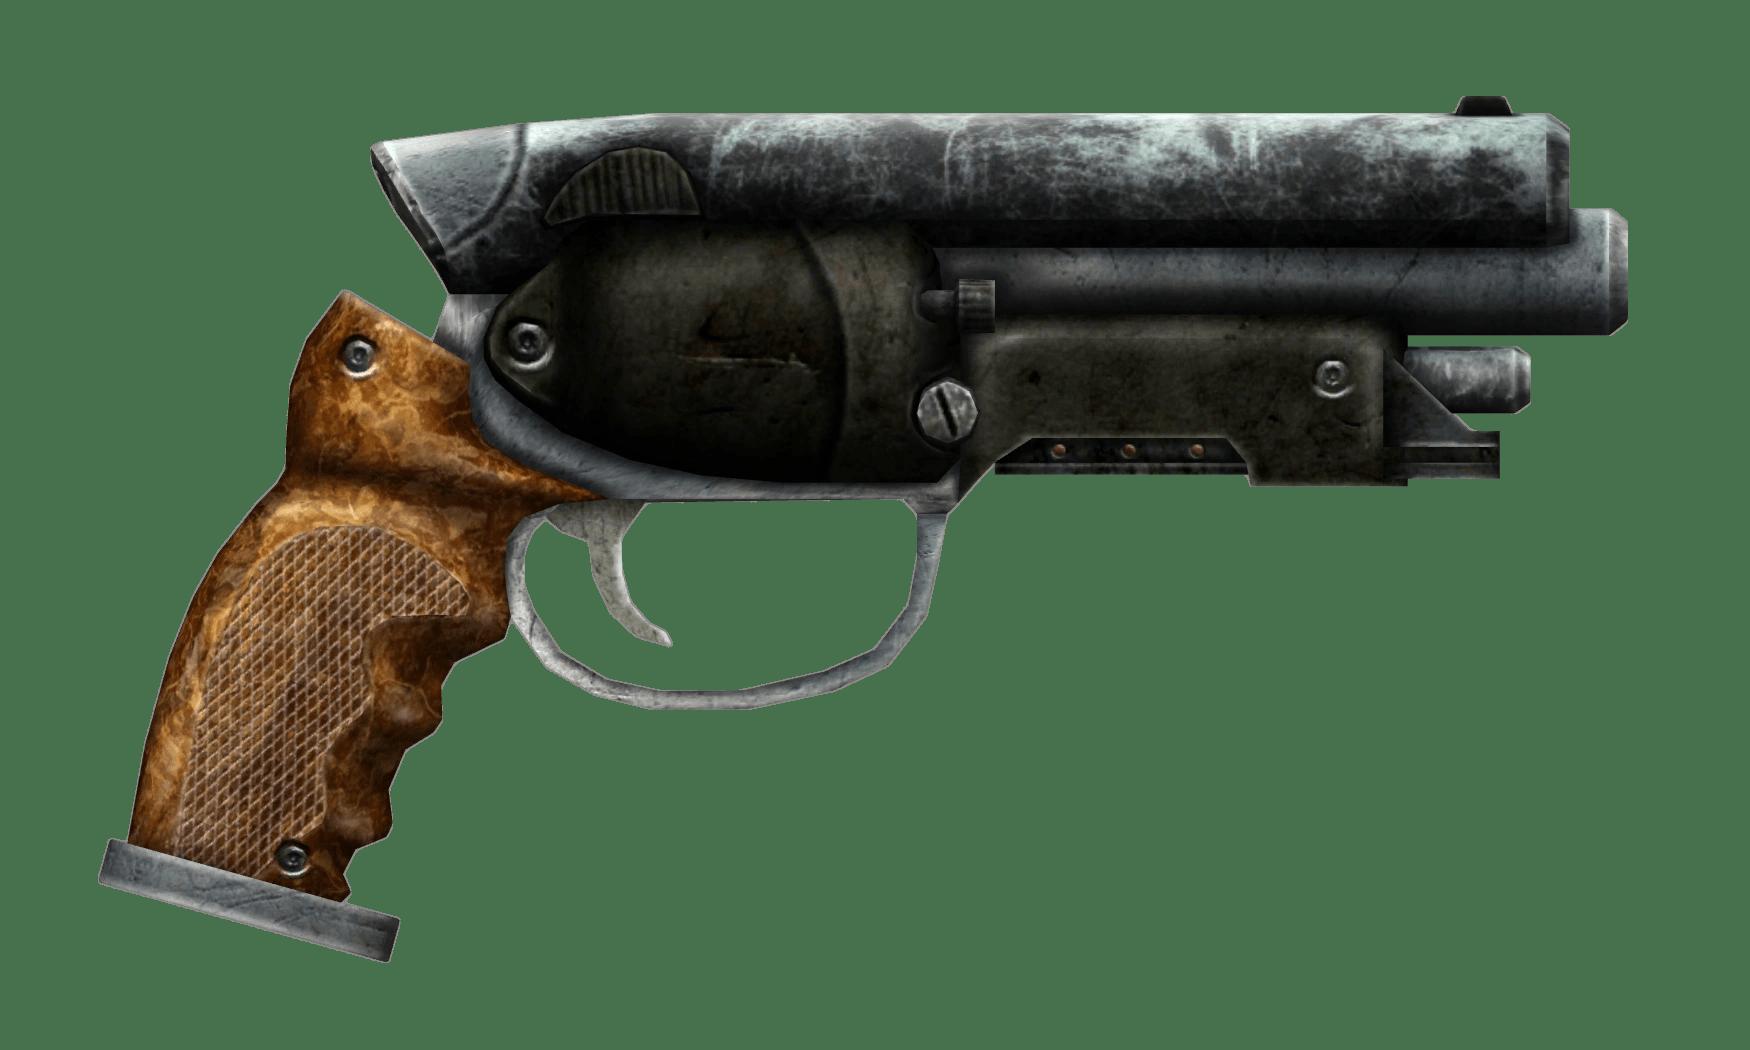 Wait, is this a Fallout gun? Wha?